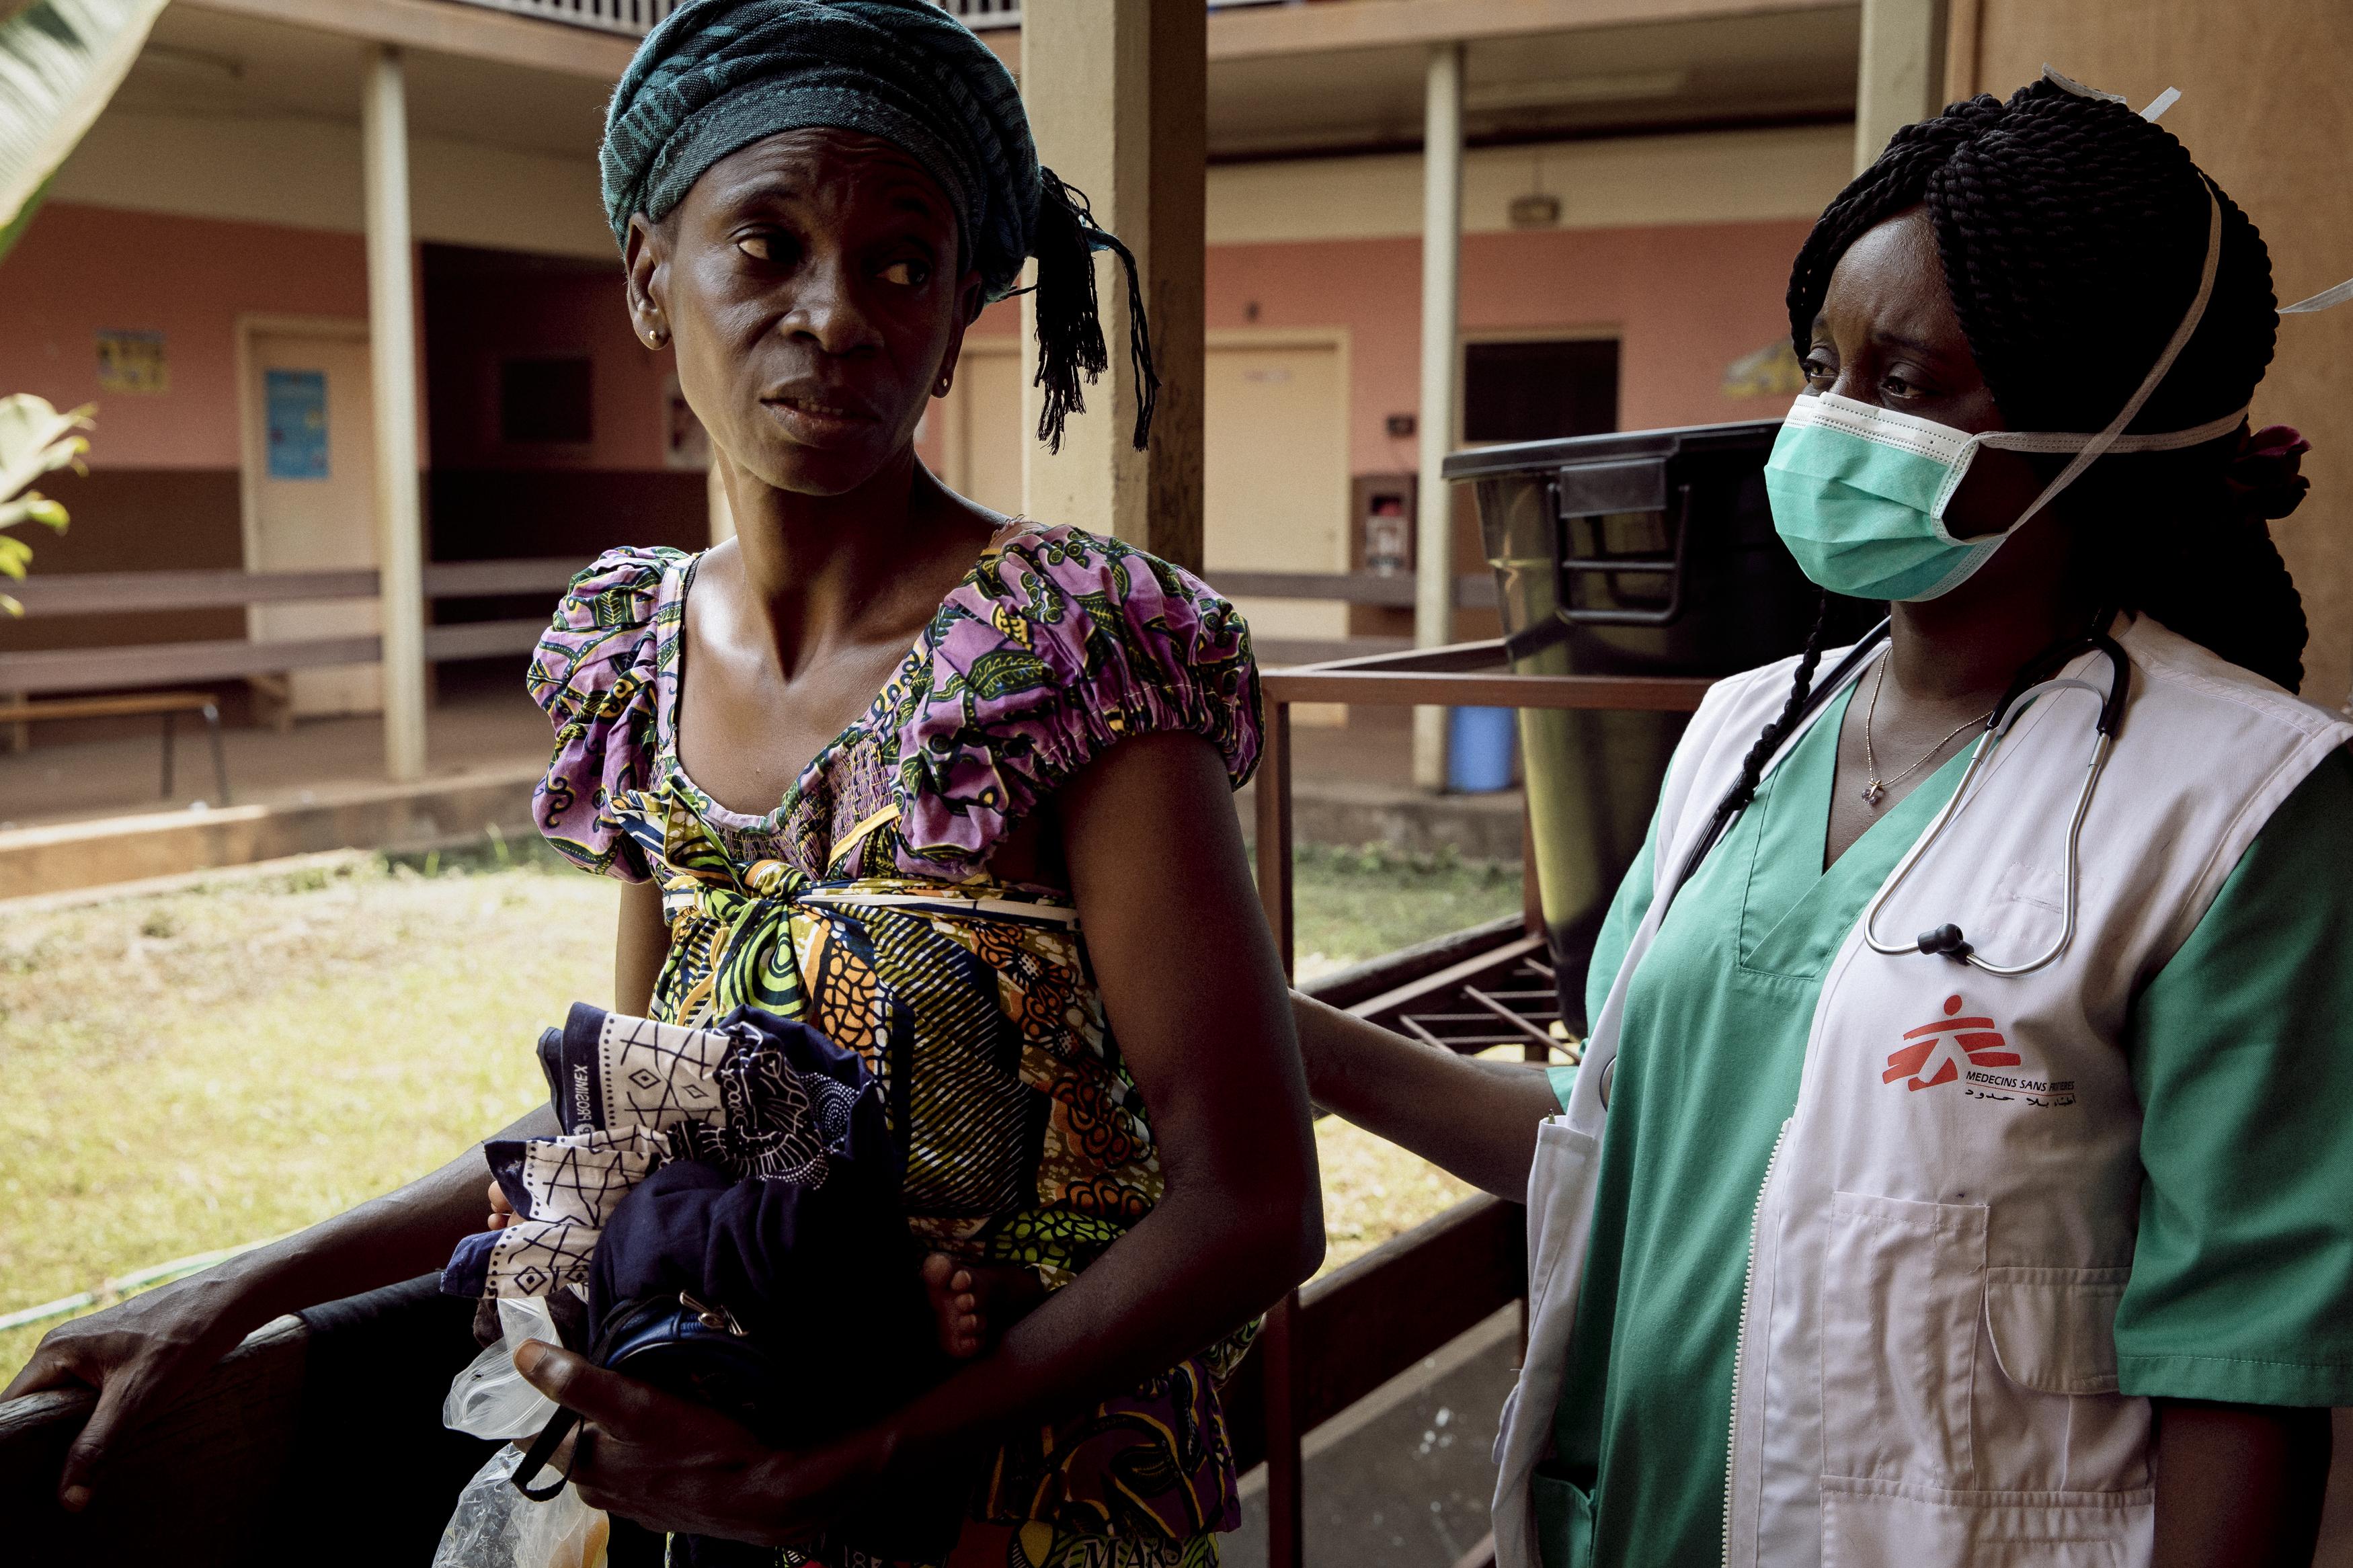 Hortense s'entretient avec le Dr Gertrude Komoyo à l'hôpital communautaire de Bangui le 25 novembre 2020. Sa fille est à l'hôpital depuis une semaine. Elle est devenue séropositive à 3 ans, lorsqu'elle a reçu deux transfusions de sang à la suite d'une anémie. Une fois testée, elle a commencé son traitement à l'âge de 9 ans.Crédit : Adrienne Surprenant/Collectif Item